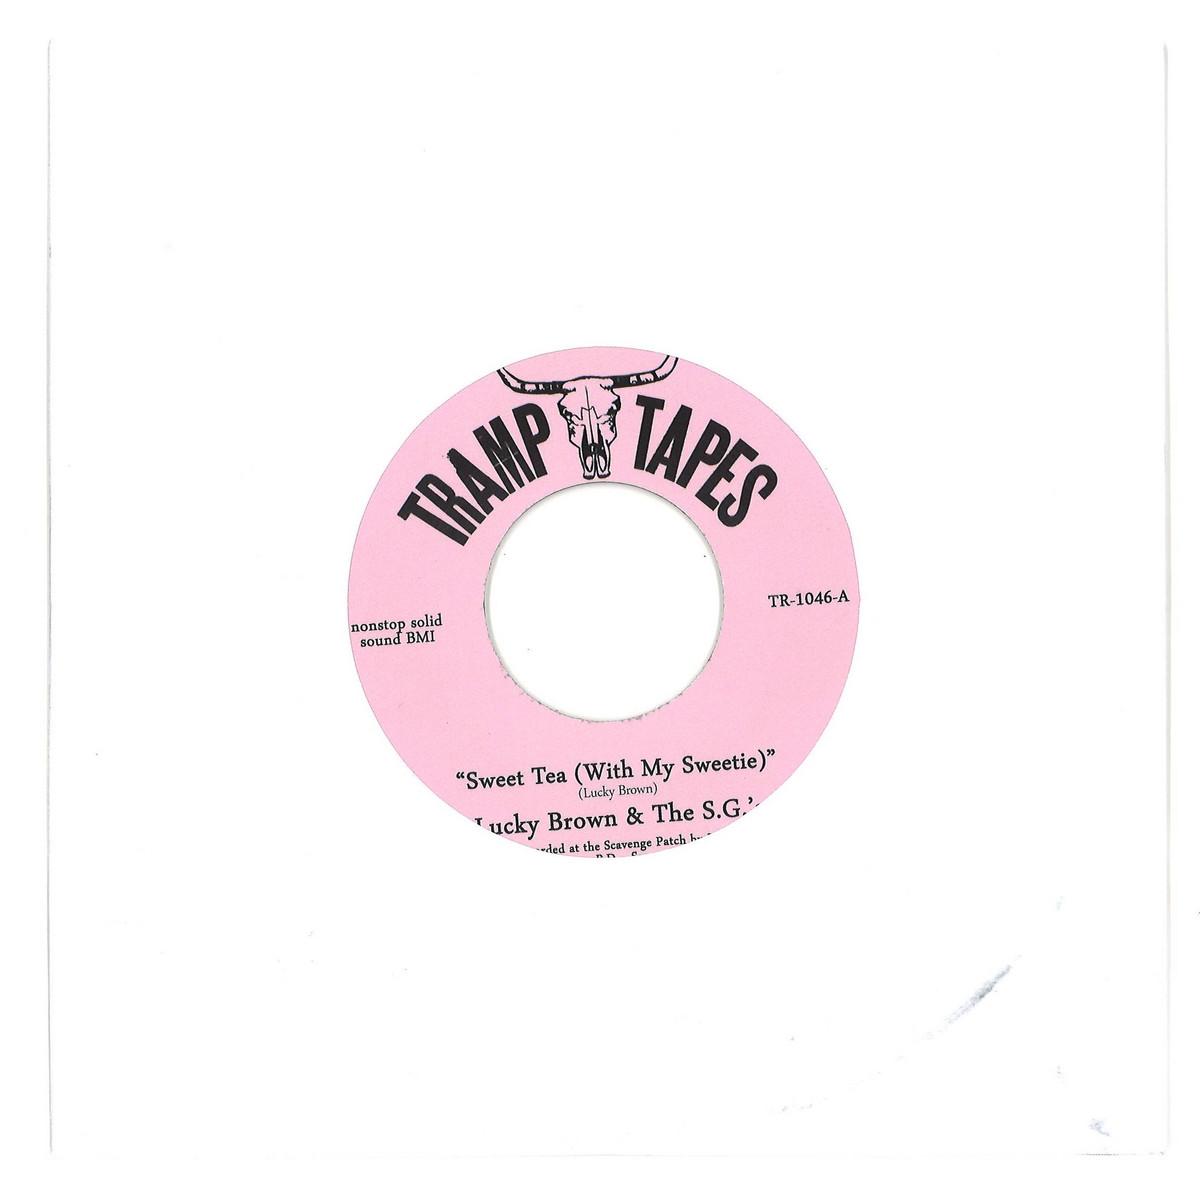 deejay de - Tramp Records